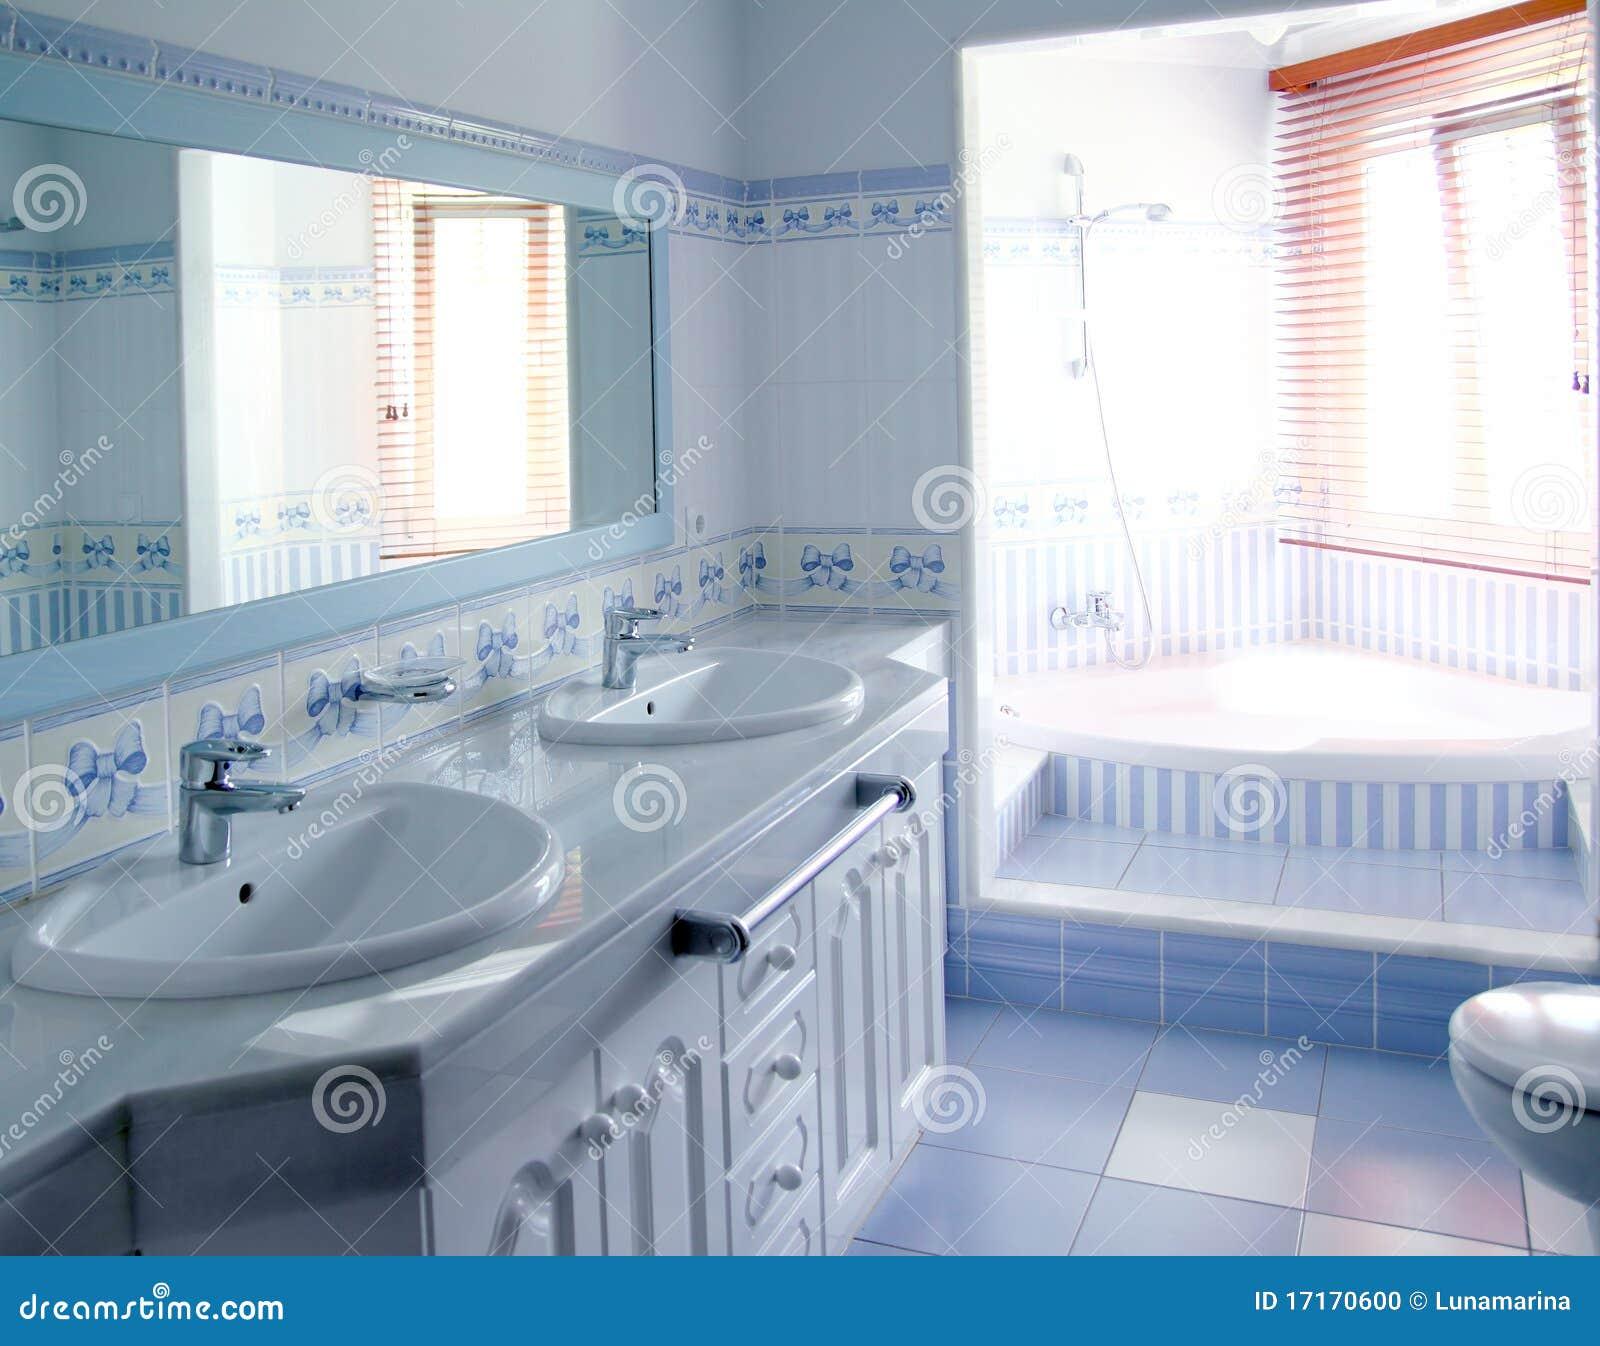 El Interior Azul Clásico Del Cuarto De Baño Embaldosa La Decoración ...